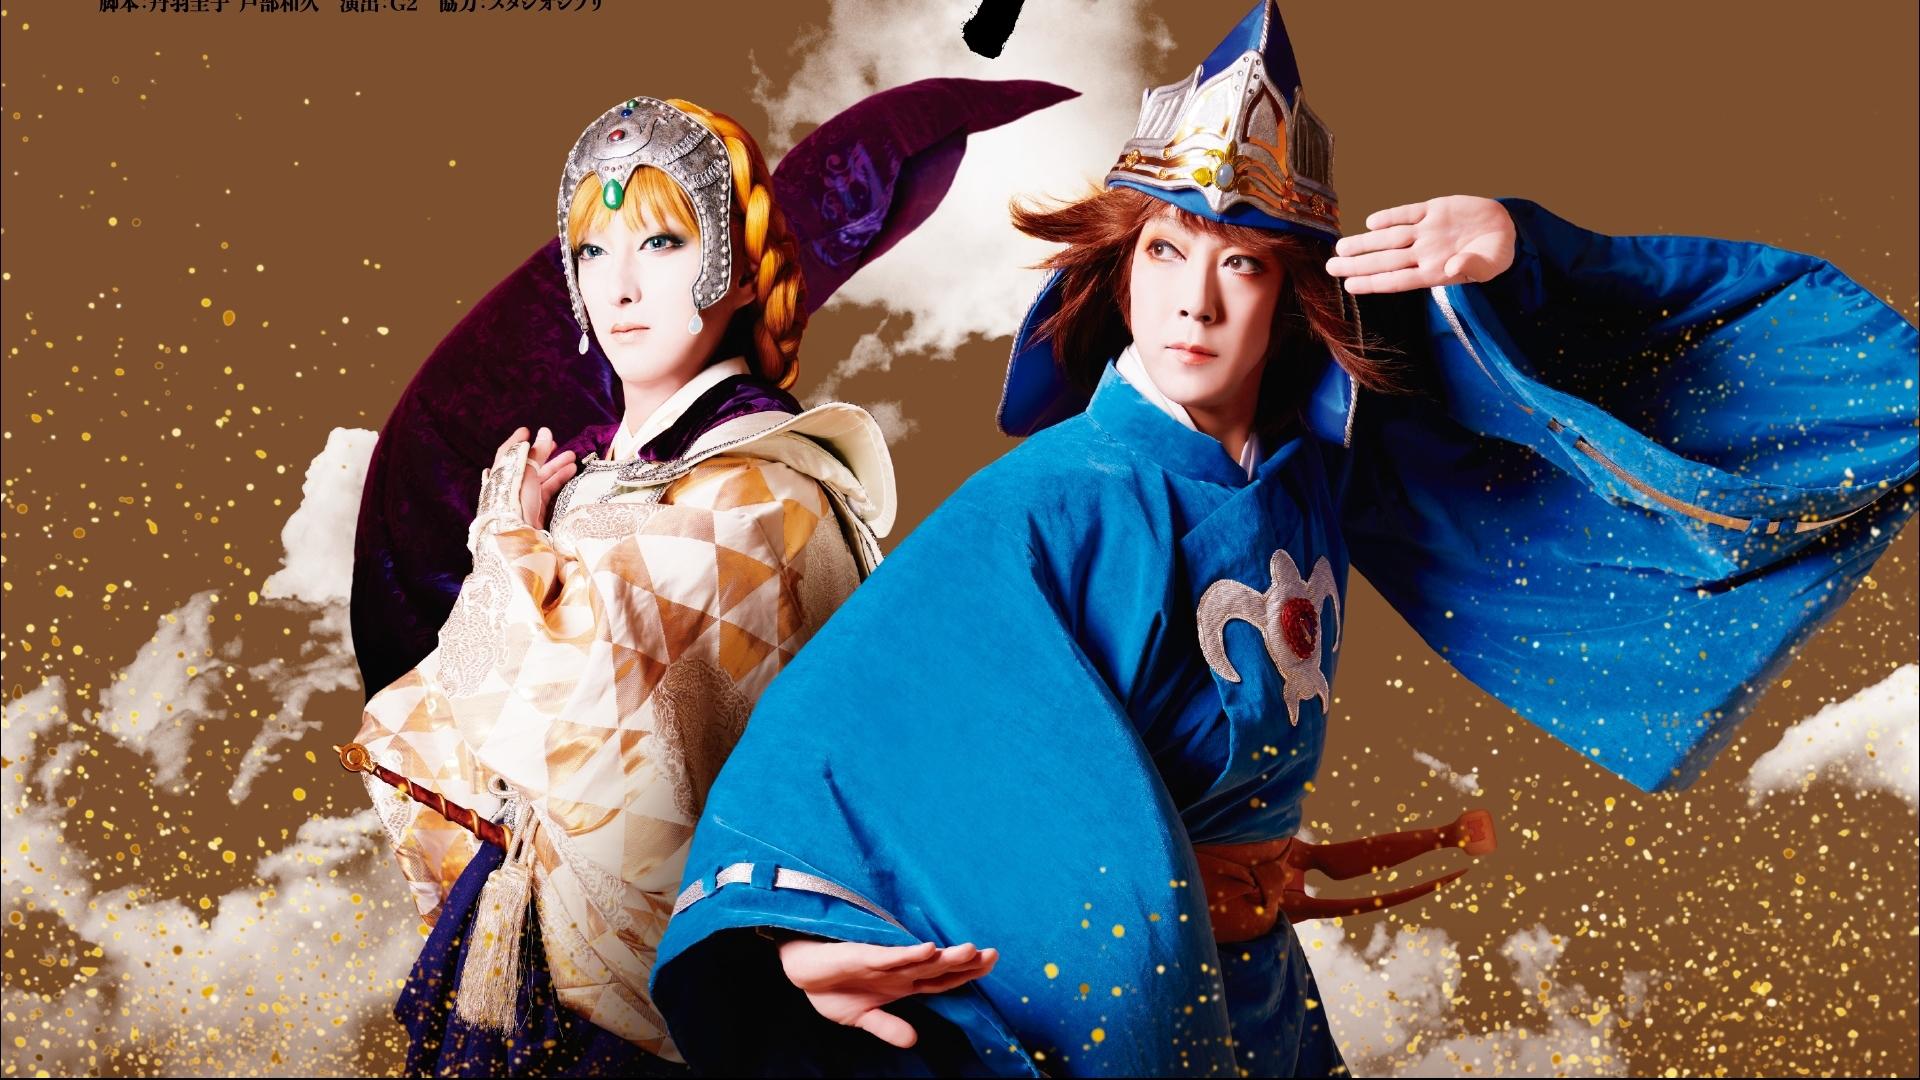 新作歌舞伎「風の谷のナウシカ」がオンラインで配信中